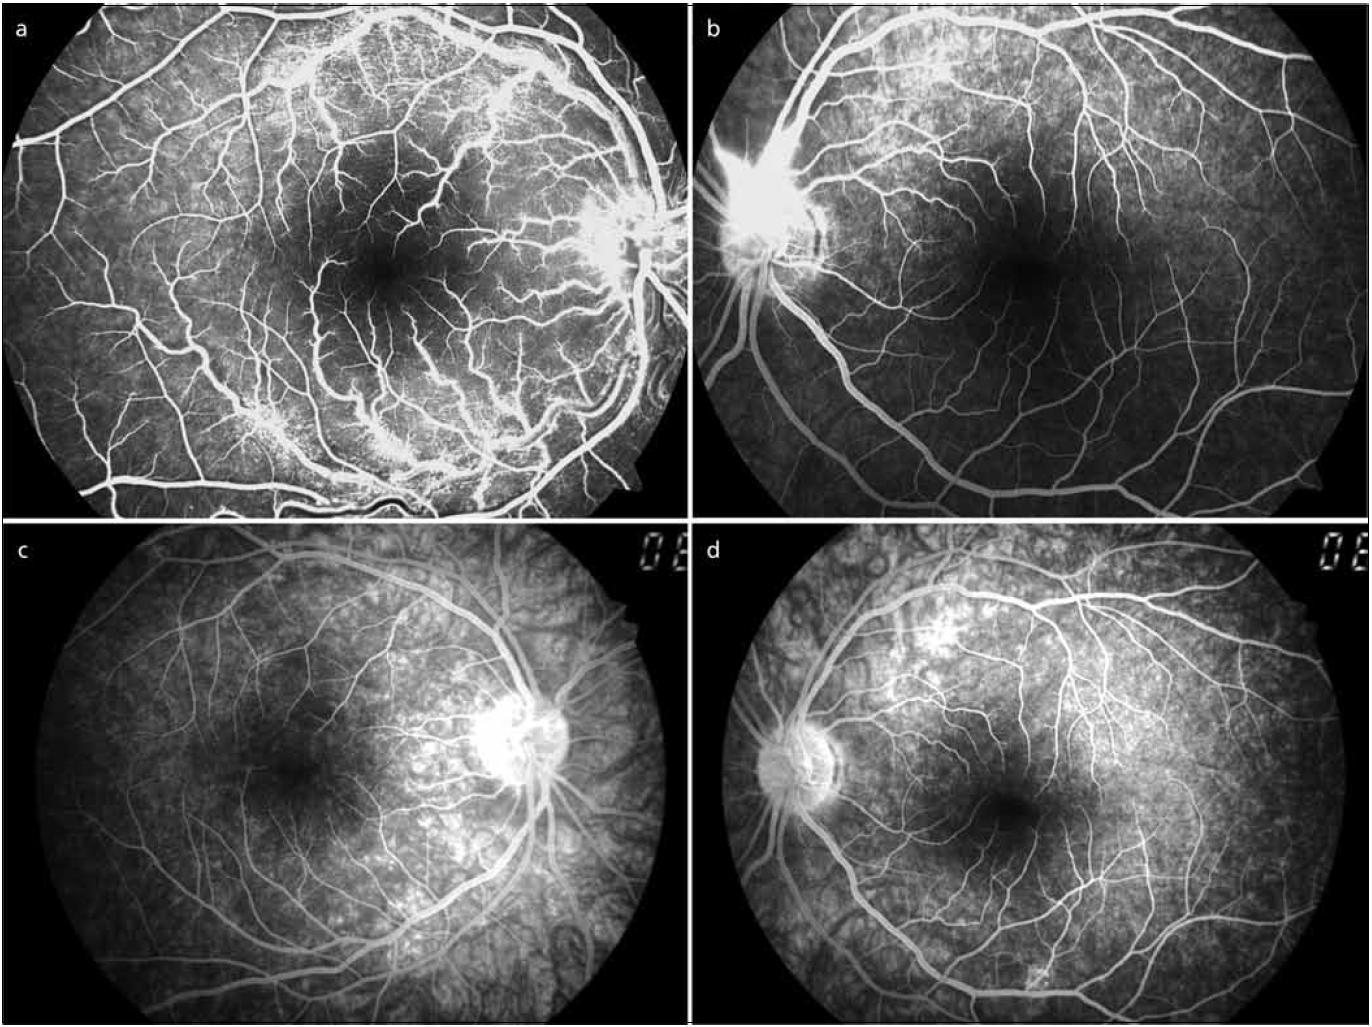 V horní polovině vstupní fluorescenční angiografie pravého a levého oka (2a, b), v dolní polovině kontrolní fluorescenční angiografie pravého a levého oka po dvou měsících (2c, d).